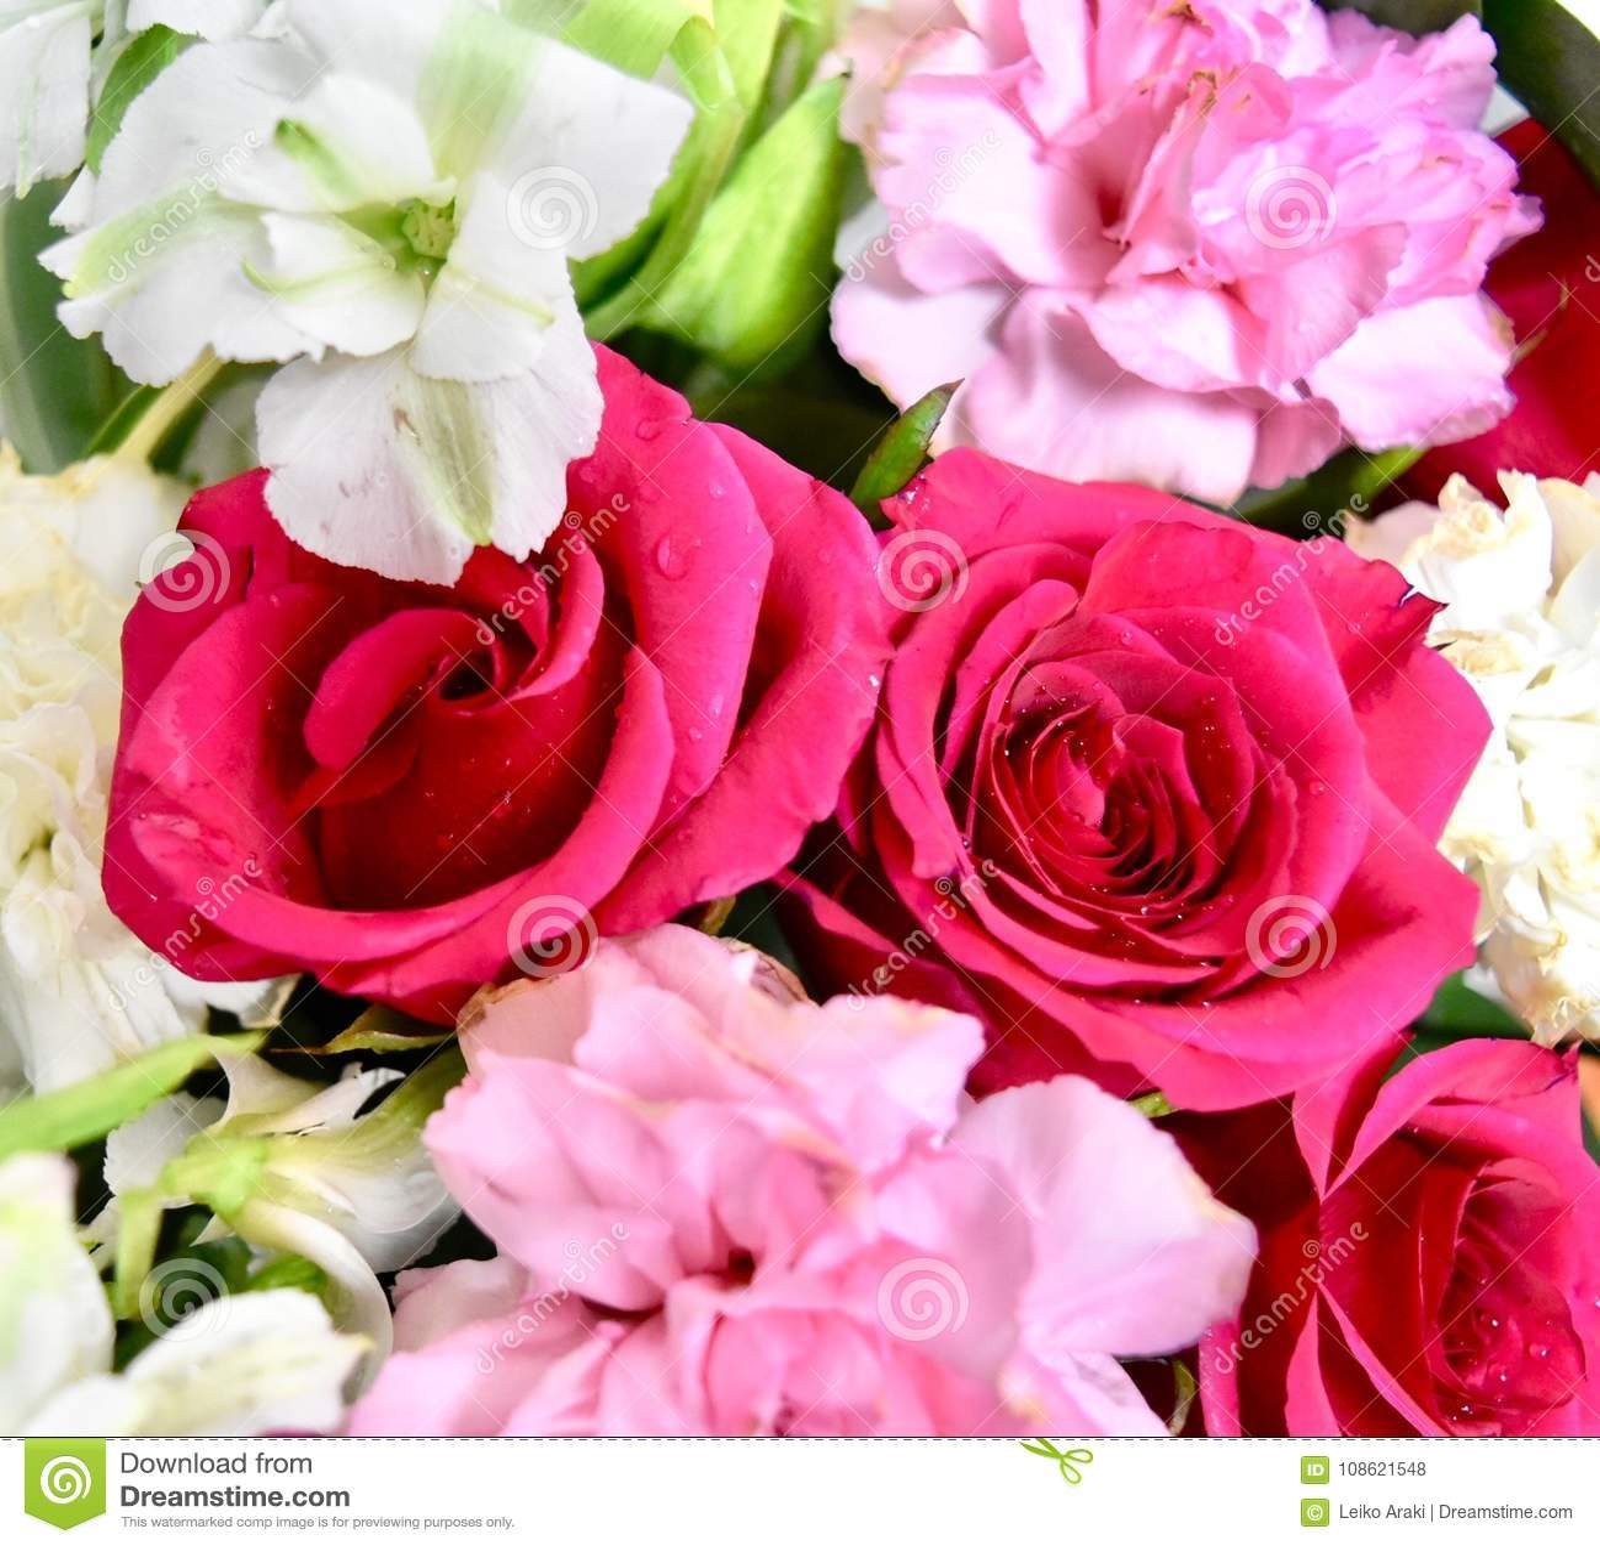 Amazing bouquet romantic flowers stock photo image of flowers amazing bouquet romantic flowers izmirmasajfo